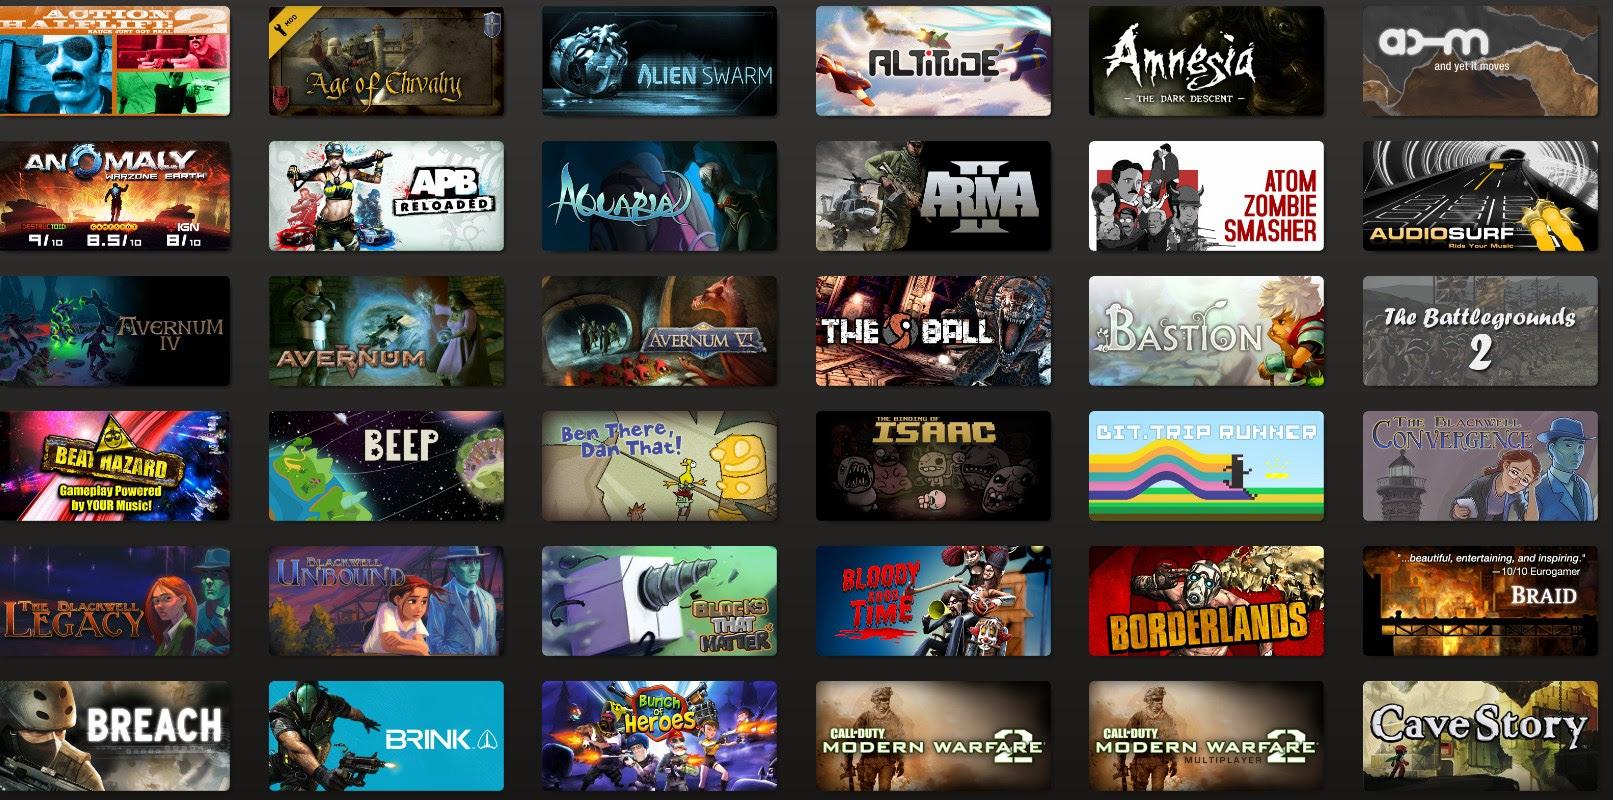 اكبر موقع لتحميل ألعاب تورنت كاملة  2018